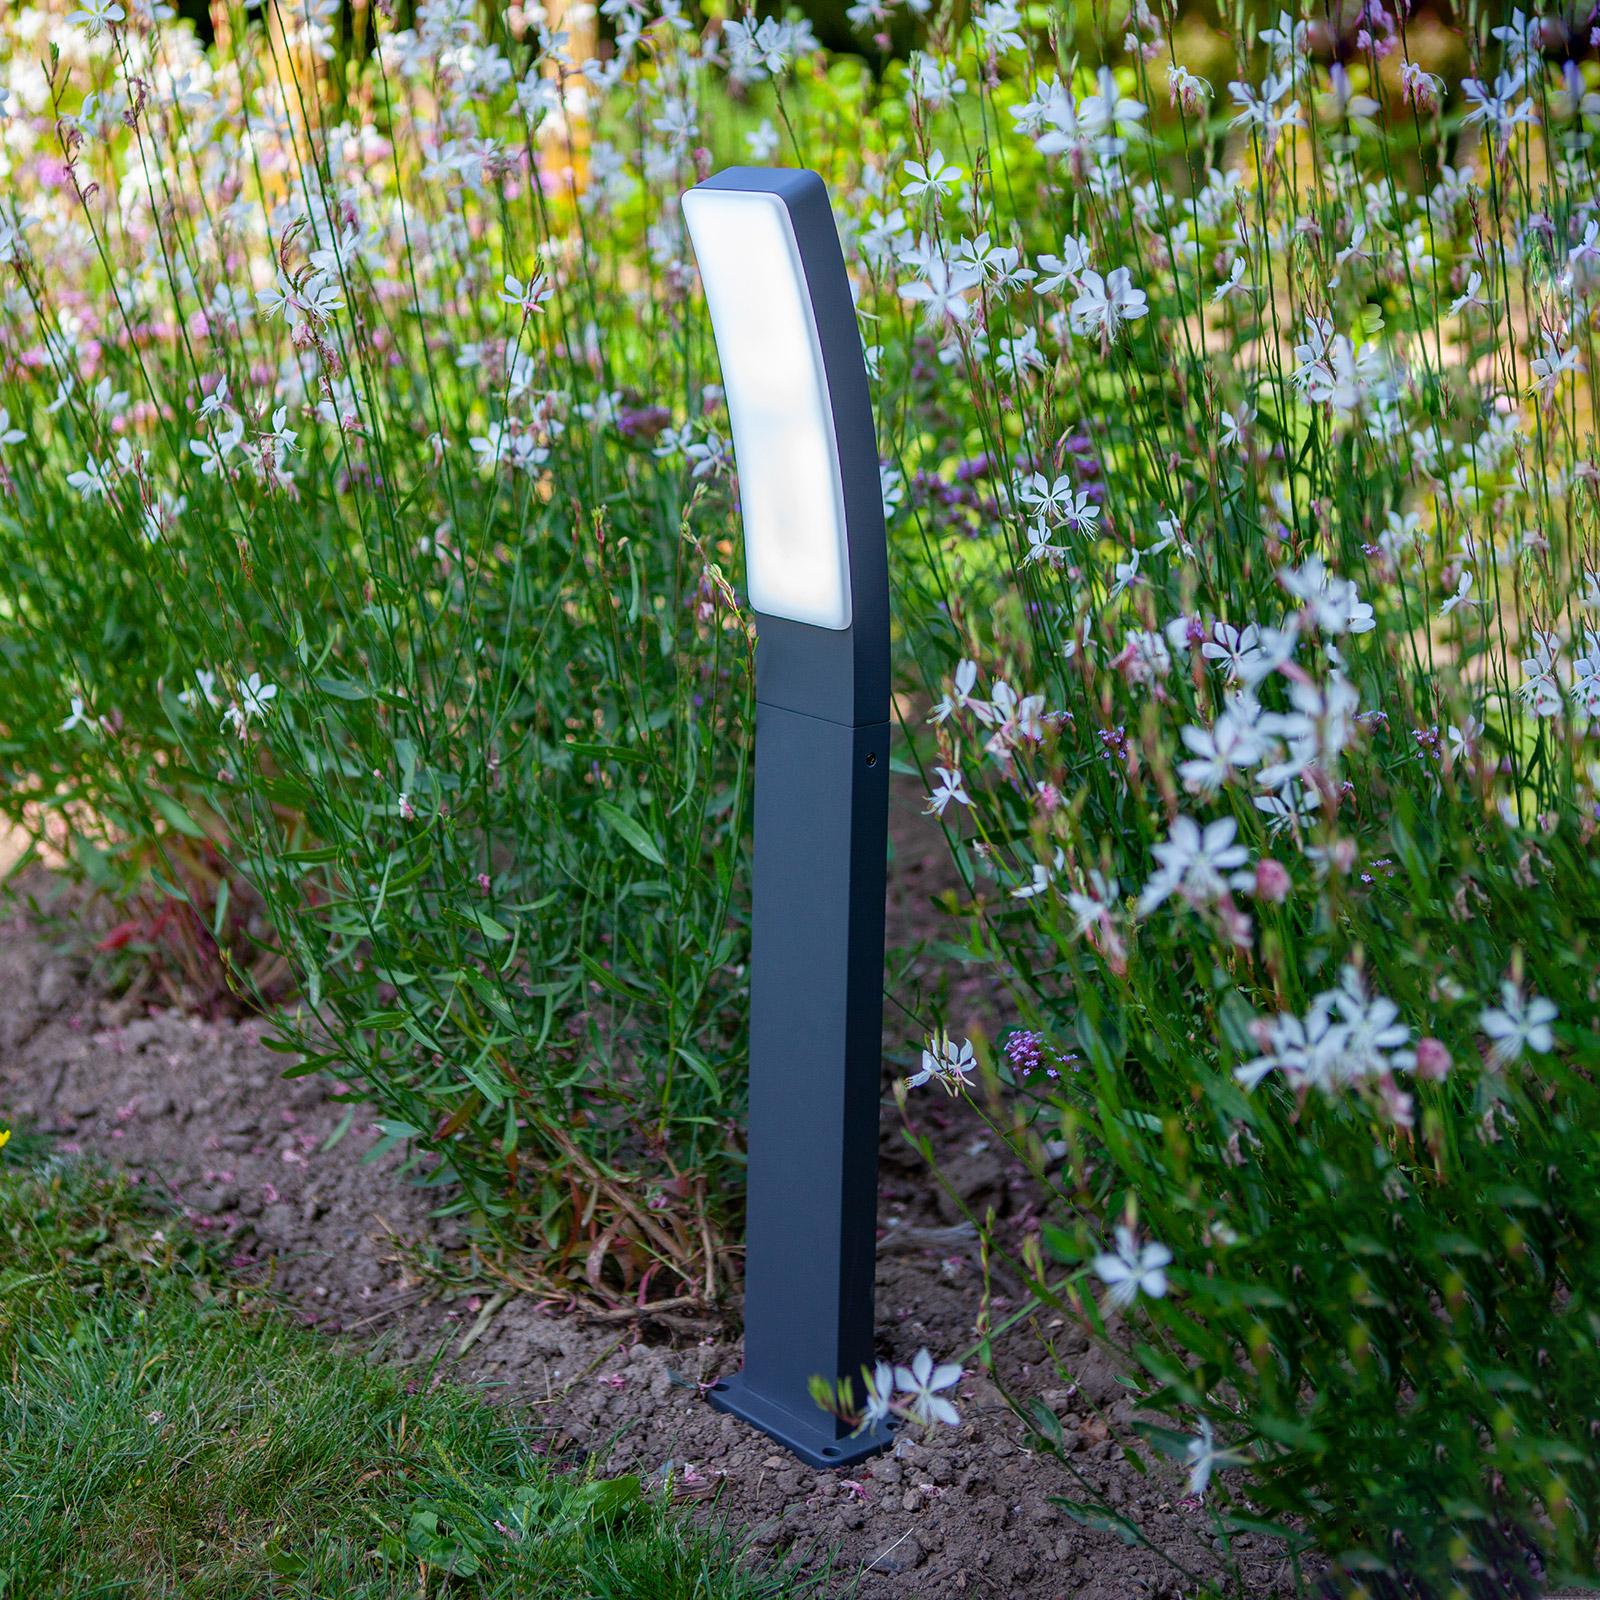 Słupek ogrodowy LED Kira z technologią Tuya